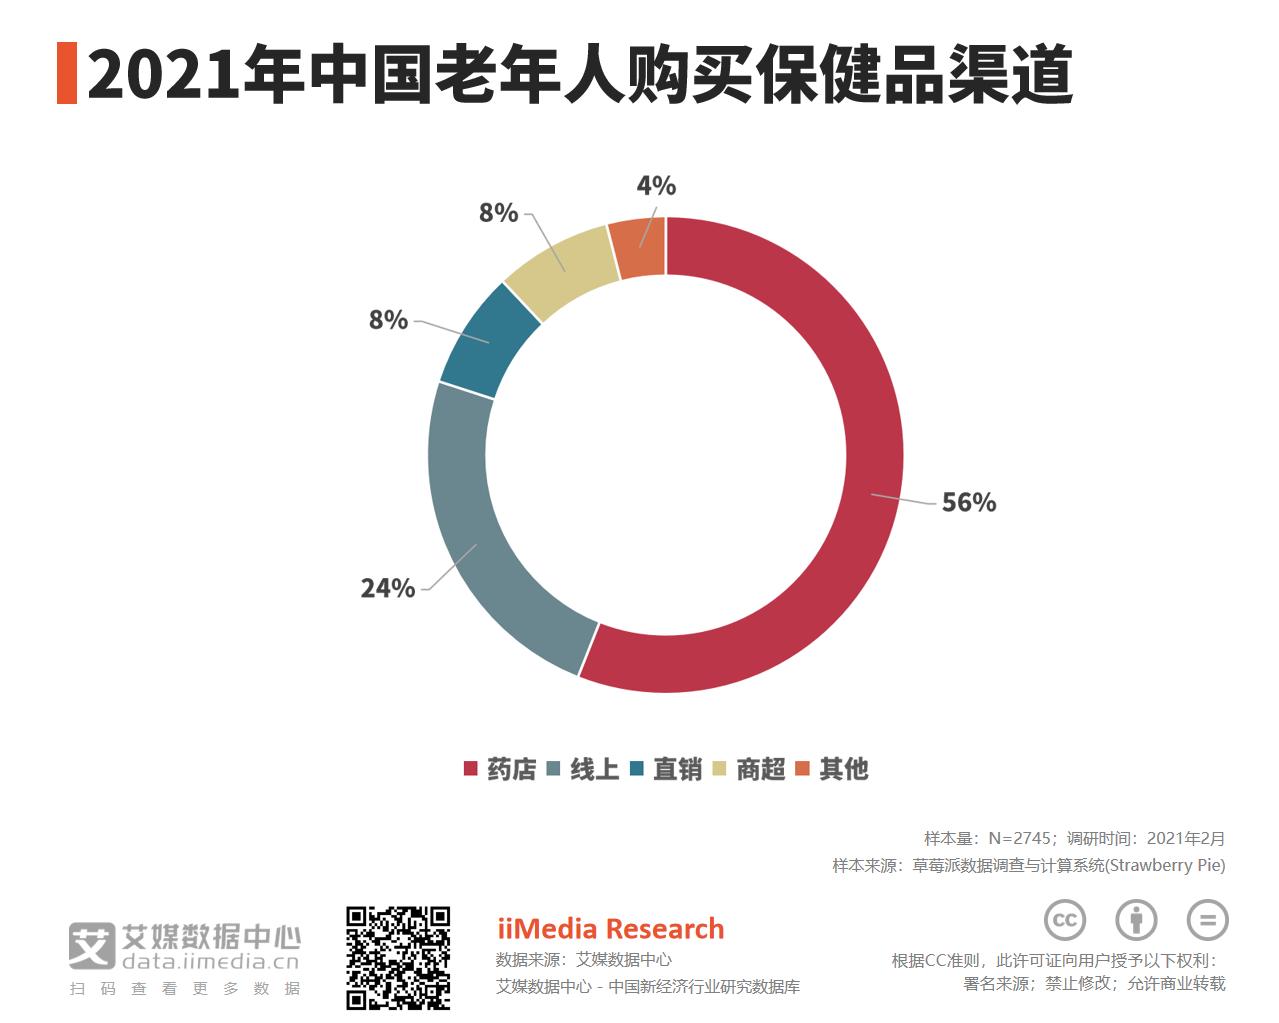 2021年中国56%老年人通过药店购买保健品